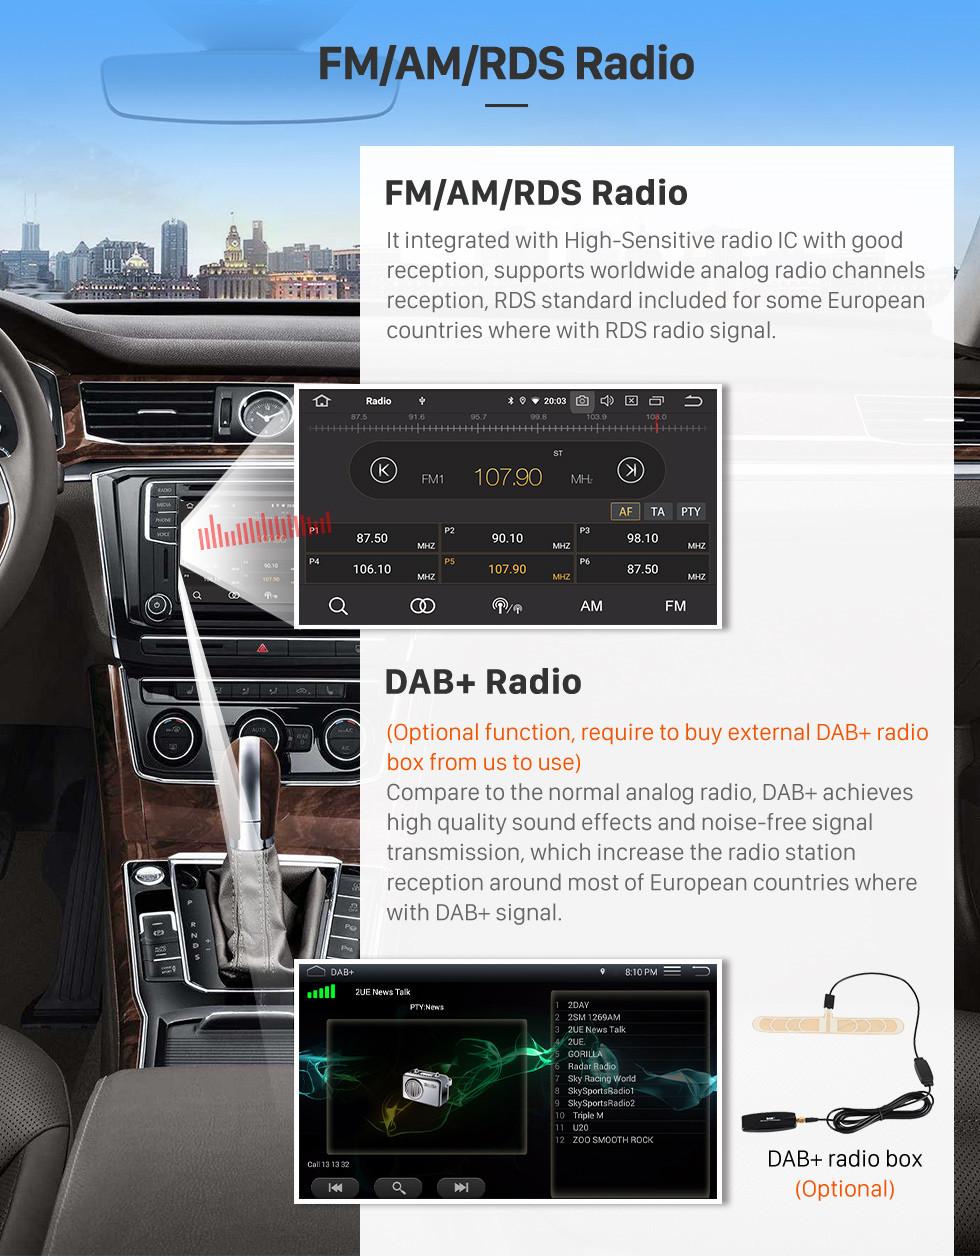 Seicane Écran tactile HD 2012-2016 BYD Surui Android 9.0 Radio de navigation GPS 9 pouces avec support Bluetooth AUX Carplay Caméra arrière DAB + OBD2